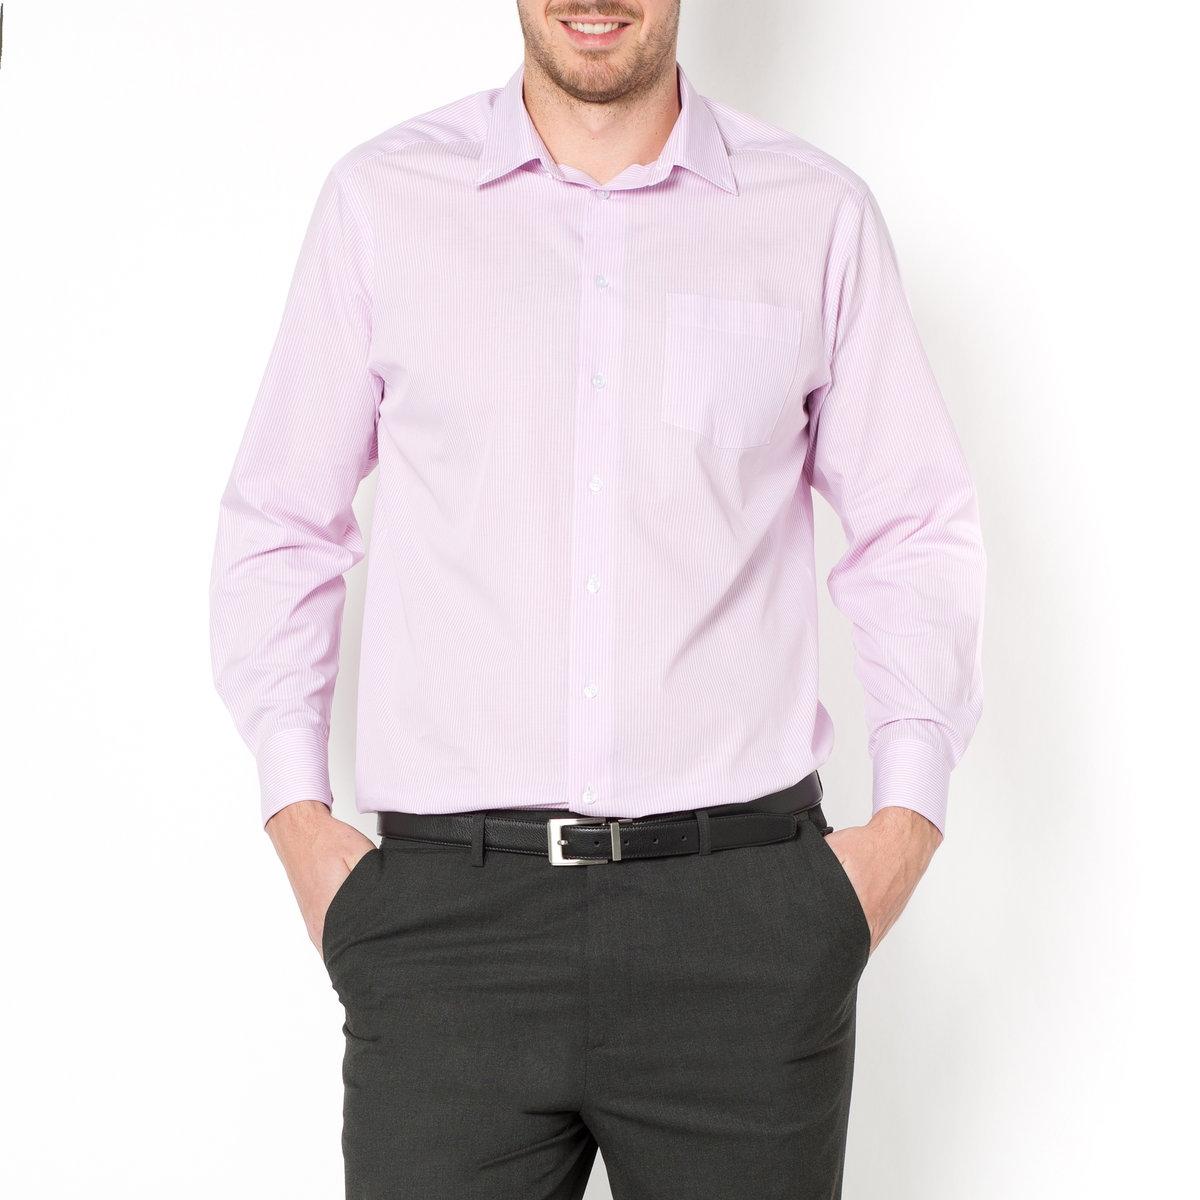 Рубашка, рост 3Рубашка. Длинные рукава. Уголки воротника на пуговицах. Складка на спине. Слегка закругленный низ. Поплин в полоску, 100% хлопка. Рост 2: длина 86 см, длина рукавов 69 см. Есть в росте 1 и 2. Обратите внимание, что бренд Taillissime создан для высоких, крупных мужчин с тенденцией к полноте. Чтобы узнать подходящий вам размер, сверьтесь с таблицей больших размеров на сайте.<br><br>Цвет: синий в полоску<br>Размер: 41/42